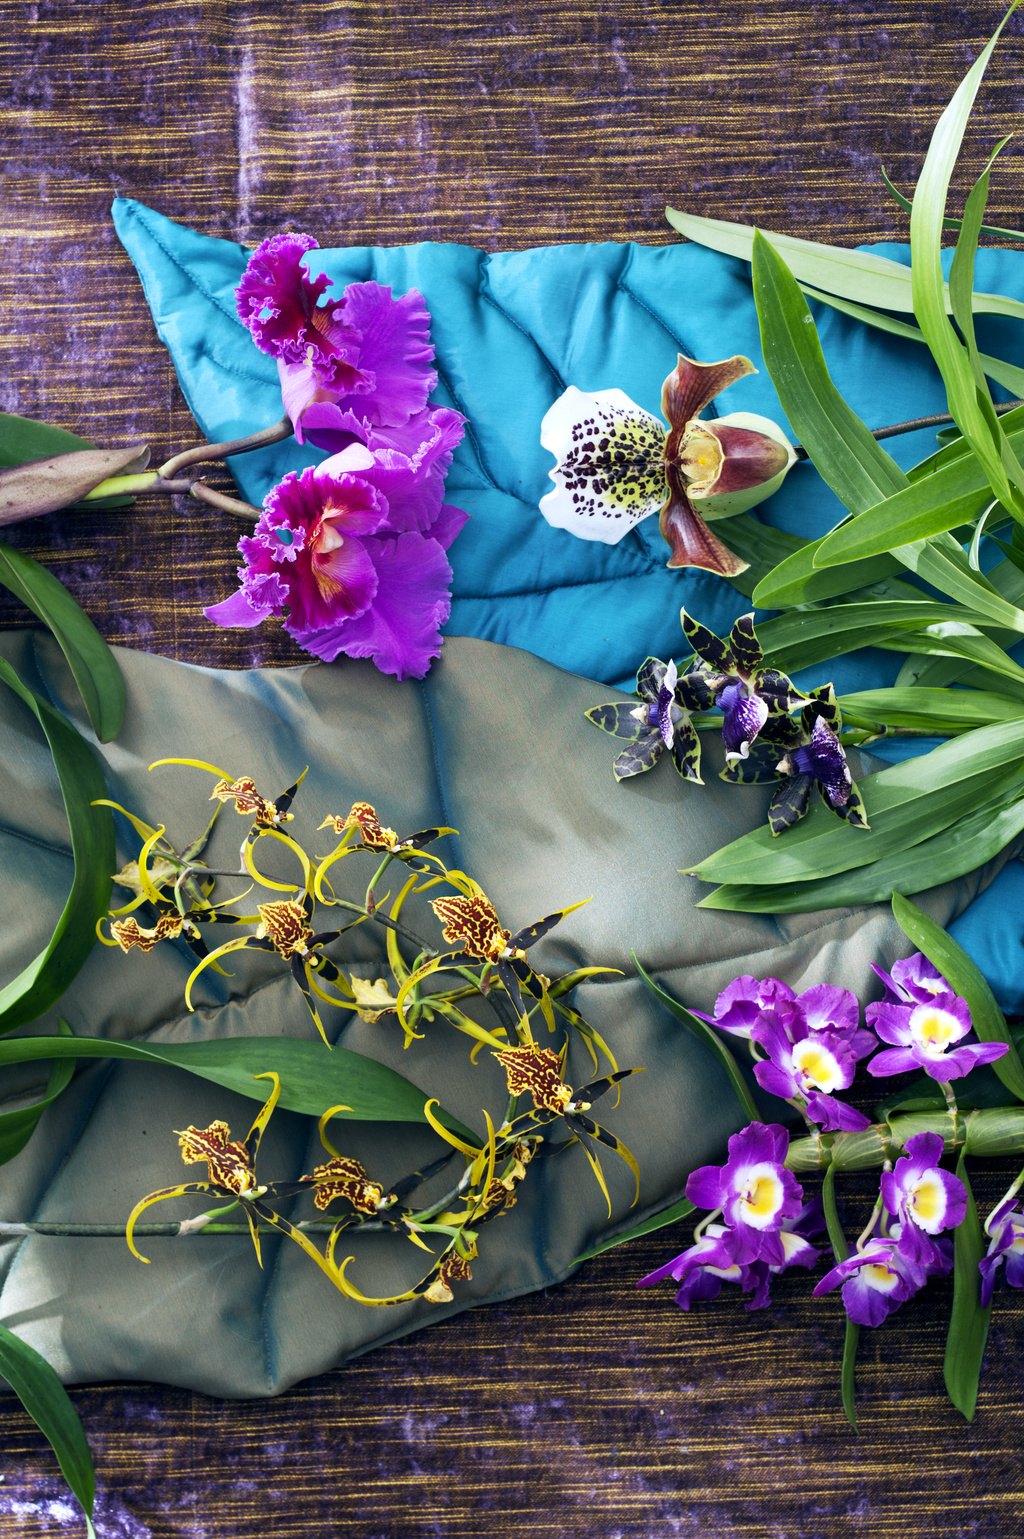 De verzorging van kamerplanten is net zo divers als hun habitat